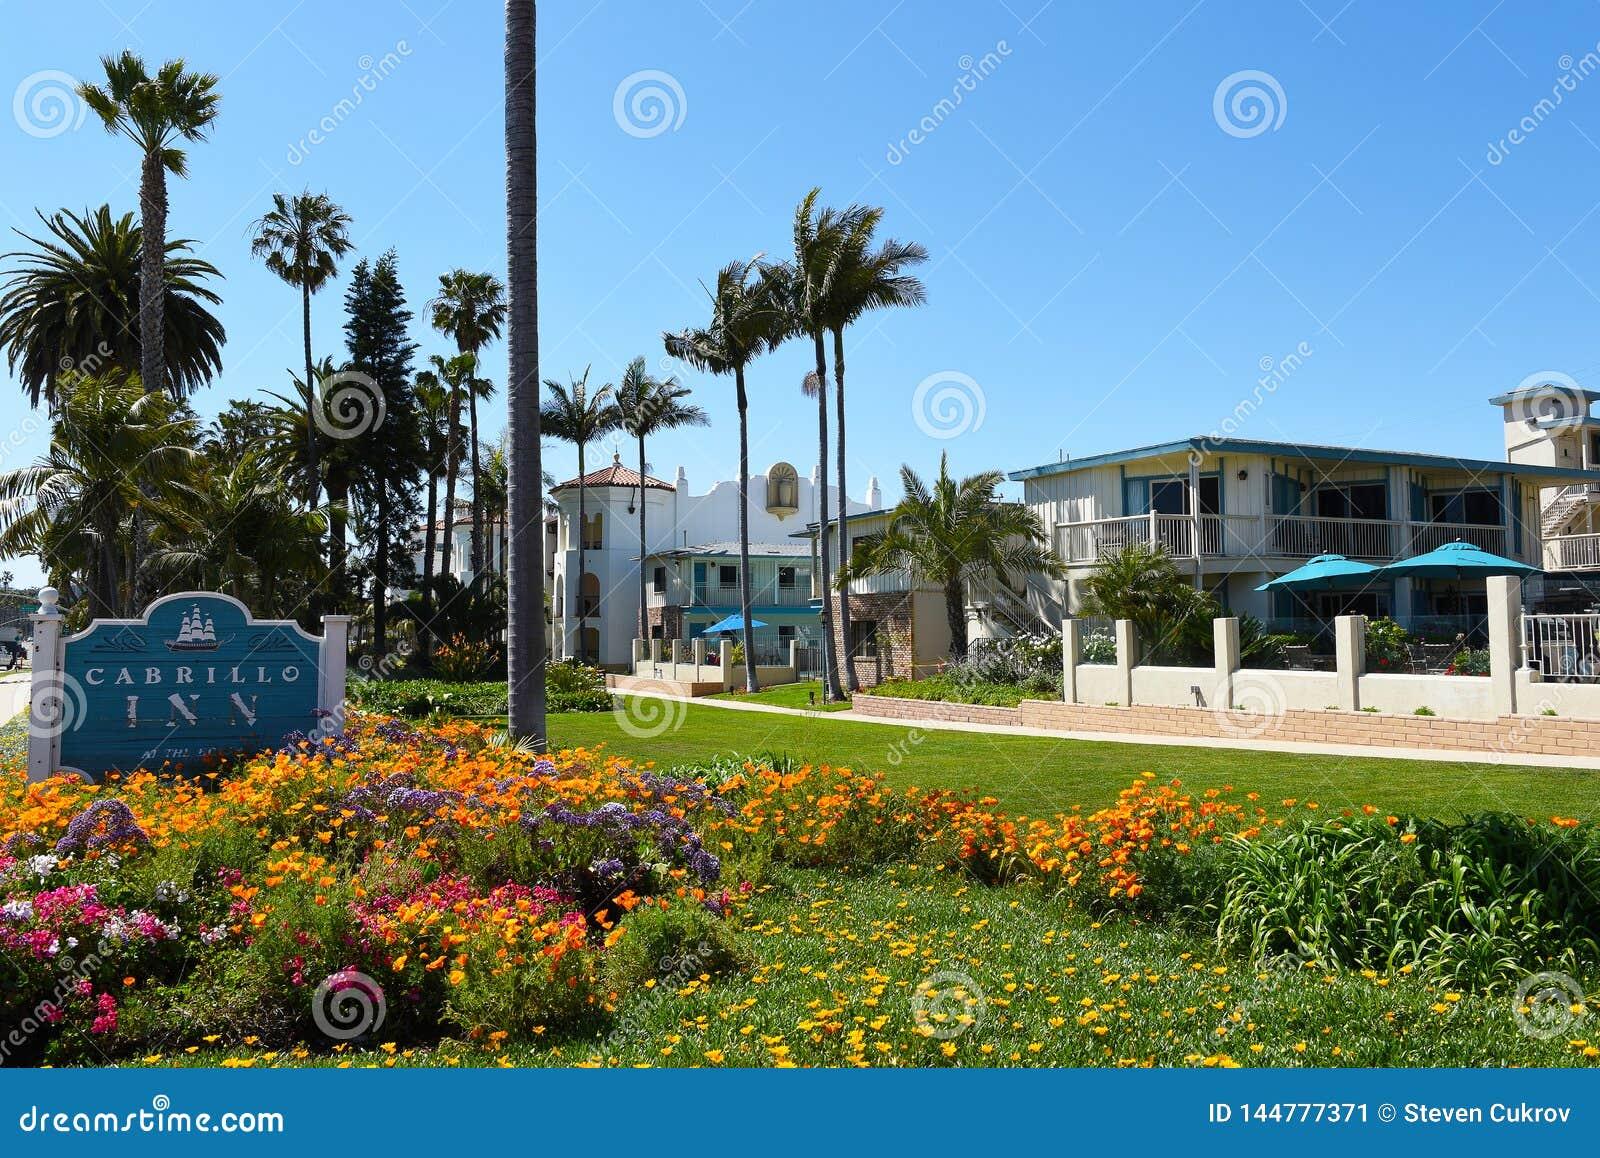 Cabrillo Inn At The Beach Santa Barbara California Editorial Photo Image Of Cabrillo Hotel 144777371